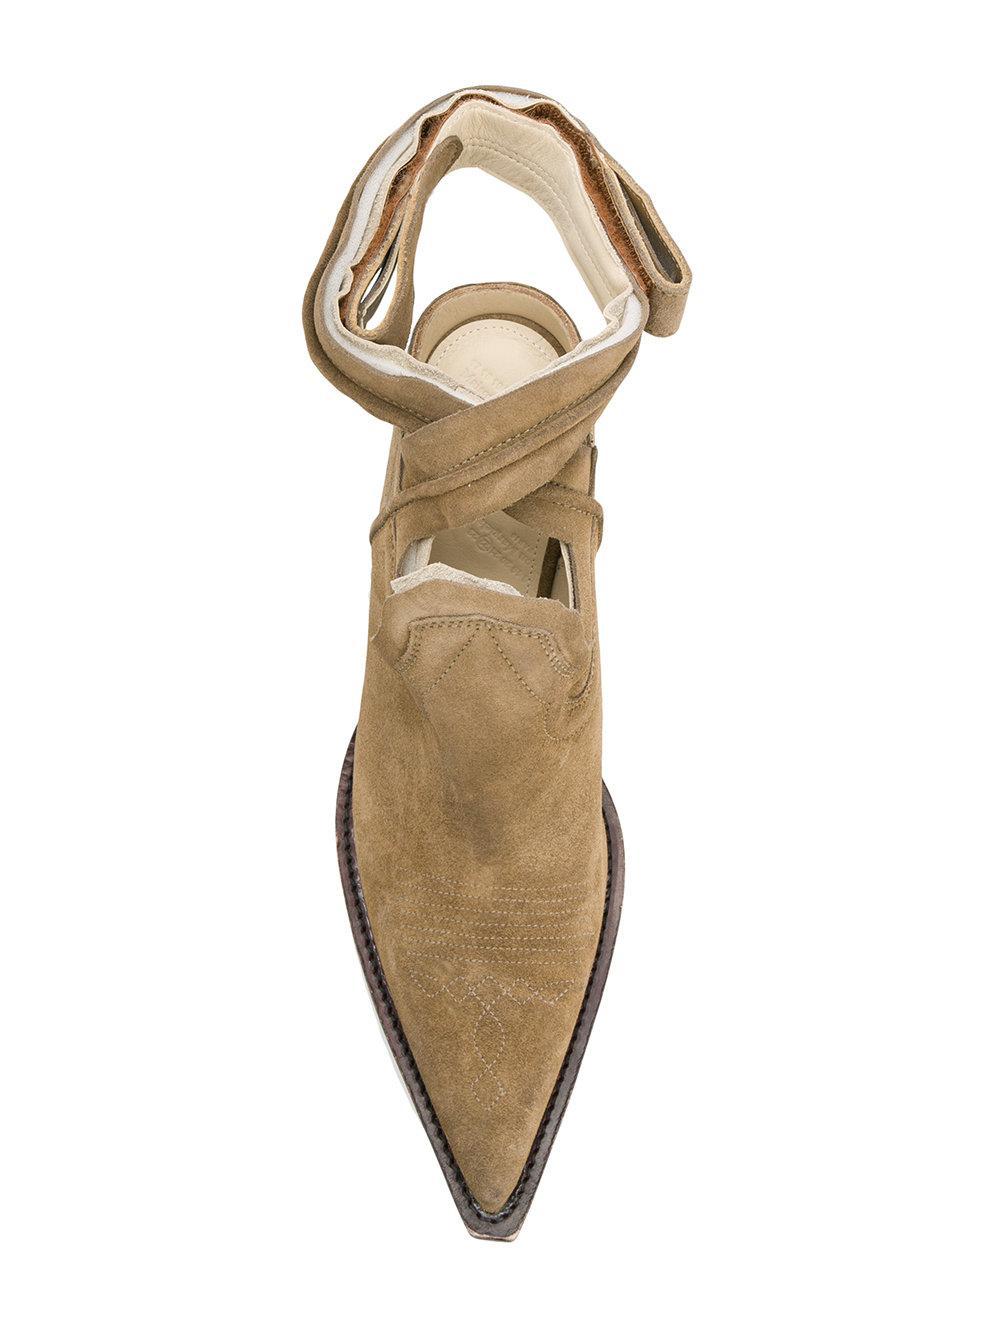 7c9b1364a07 Maison Margiela Natural Cut-out Cowboy Boots